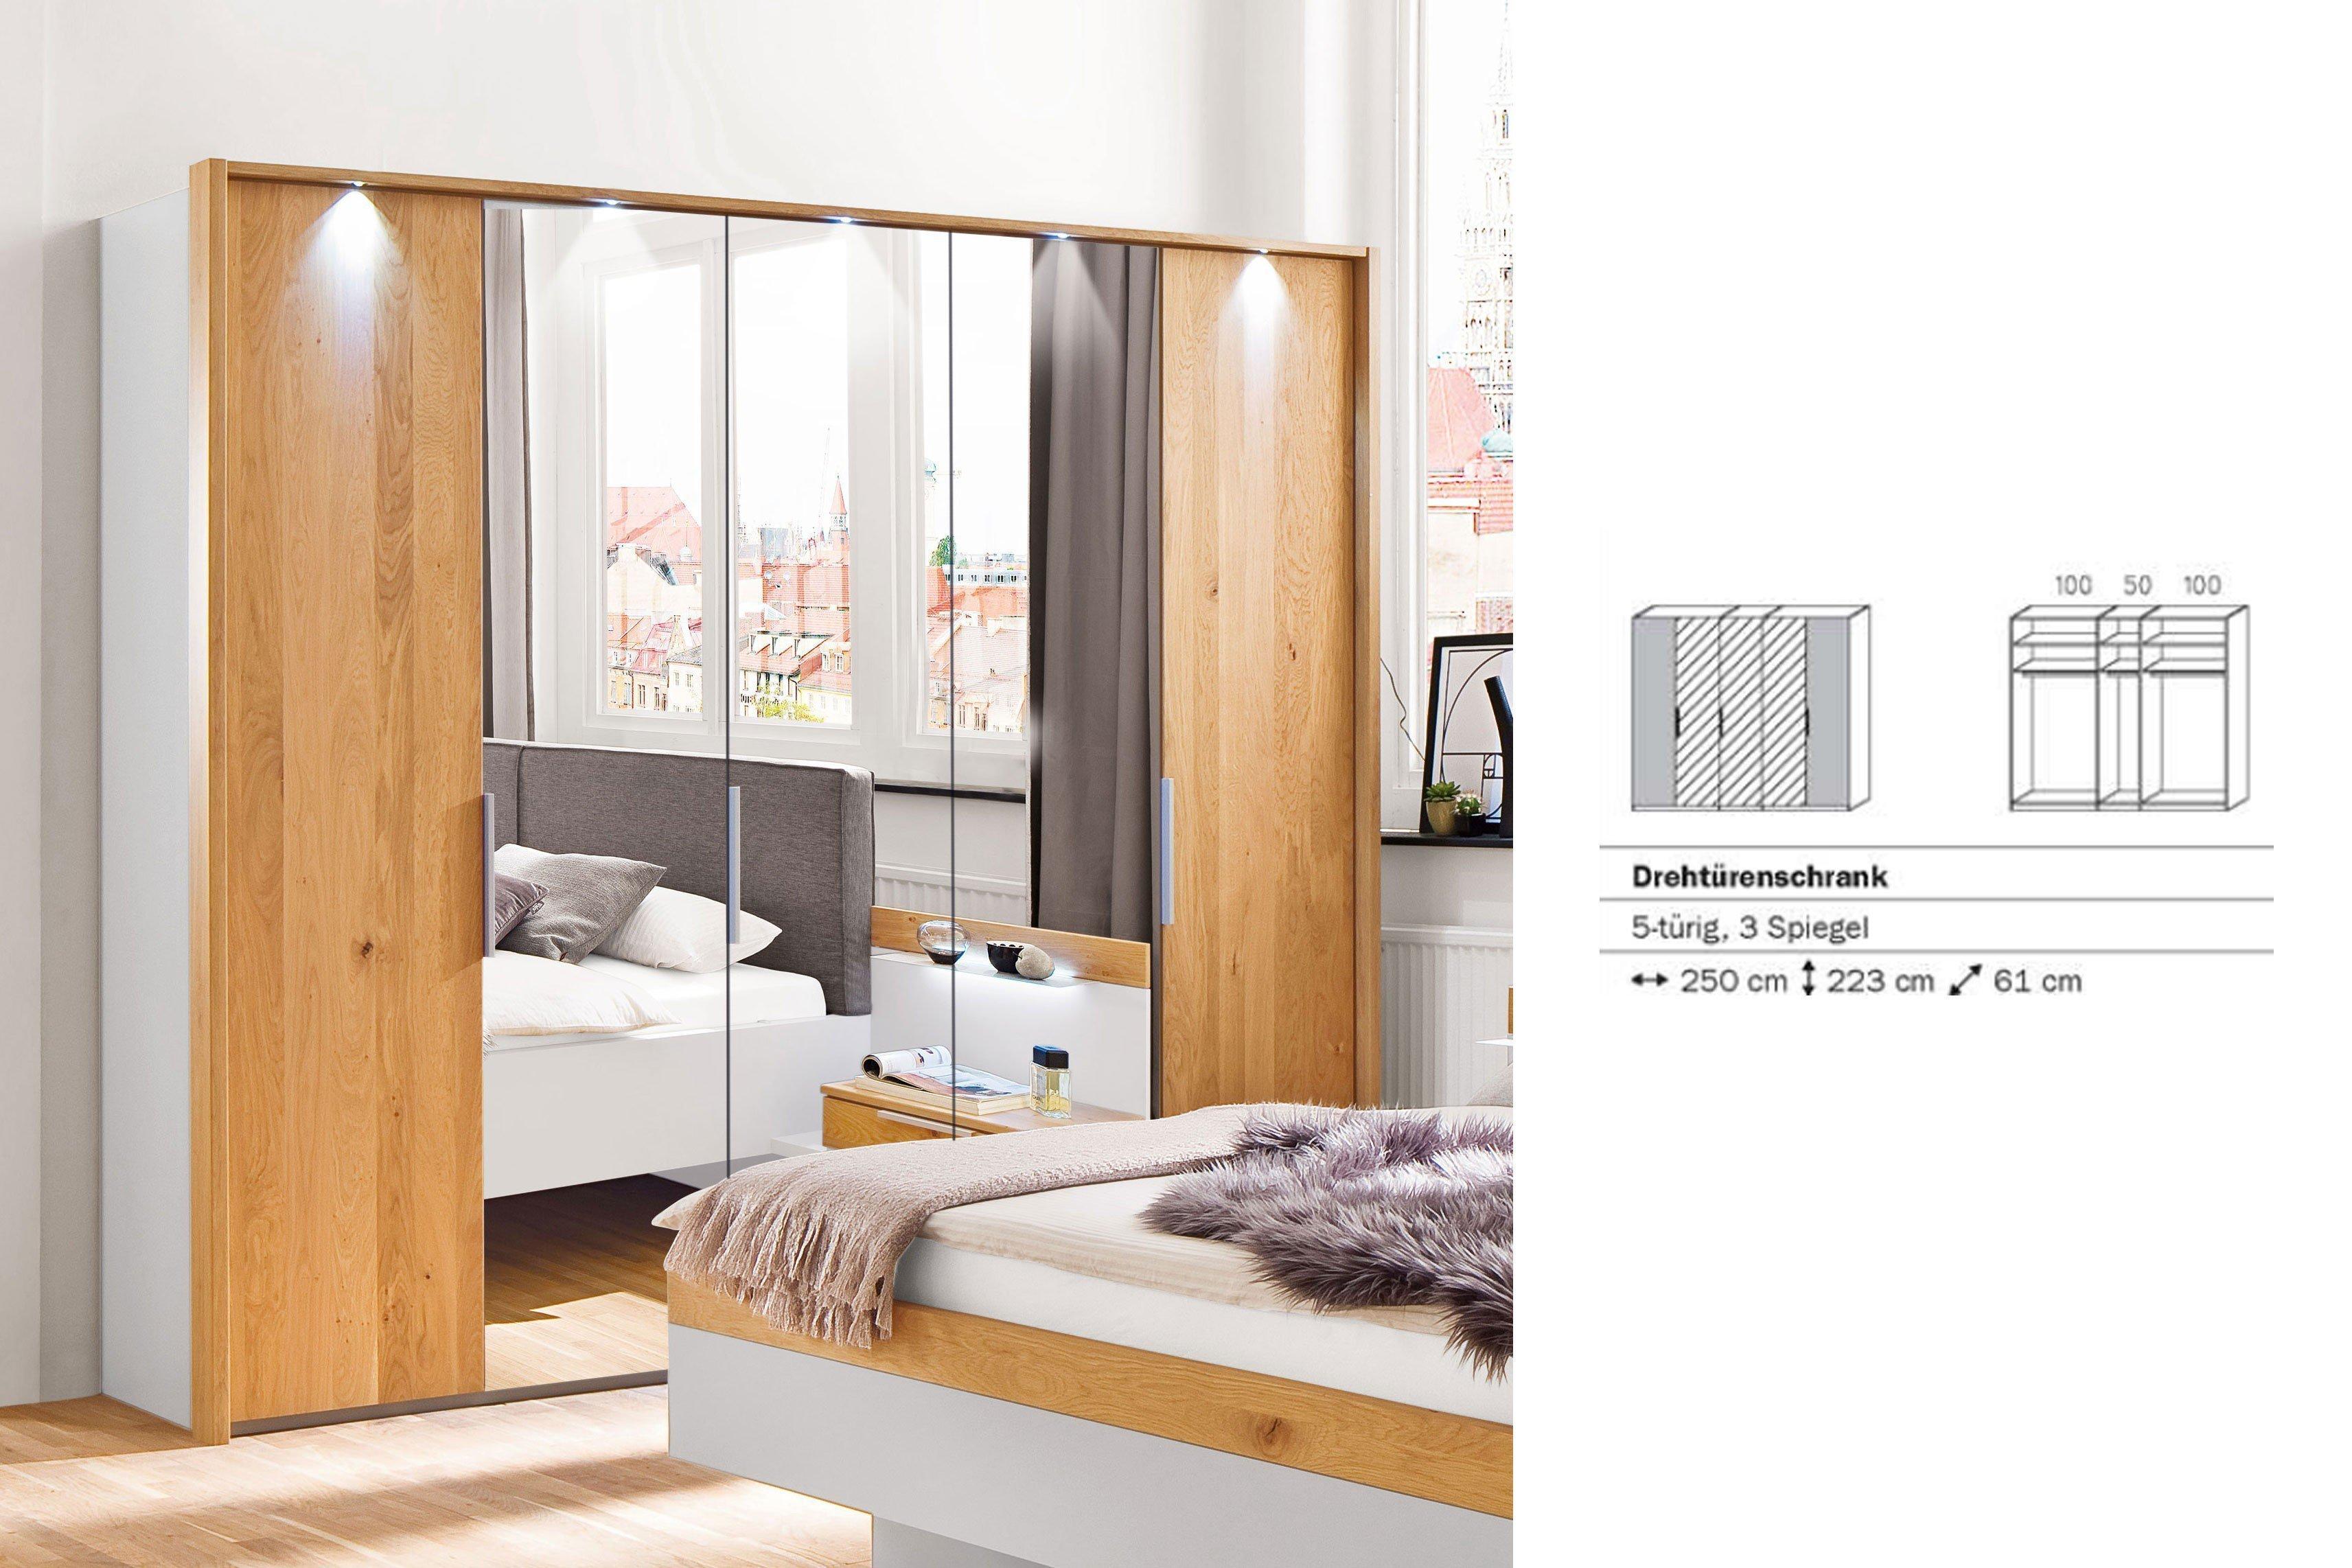 schlafzimmer calgary von casada wildeiche spiegel m bel letz ihr online shop. Black Bedroom Furniture Sets. Home Design Ideas